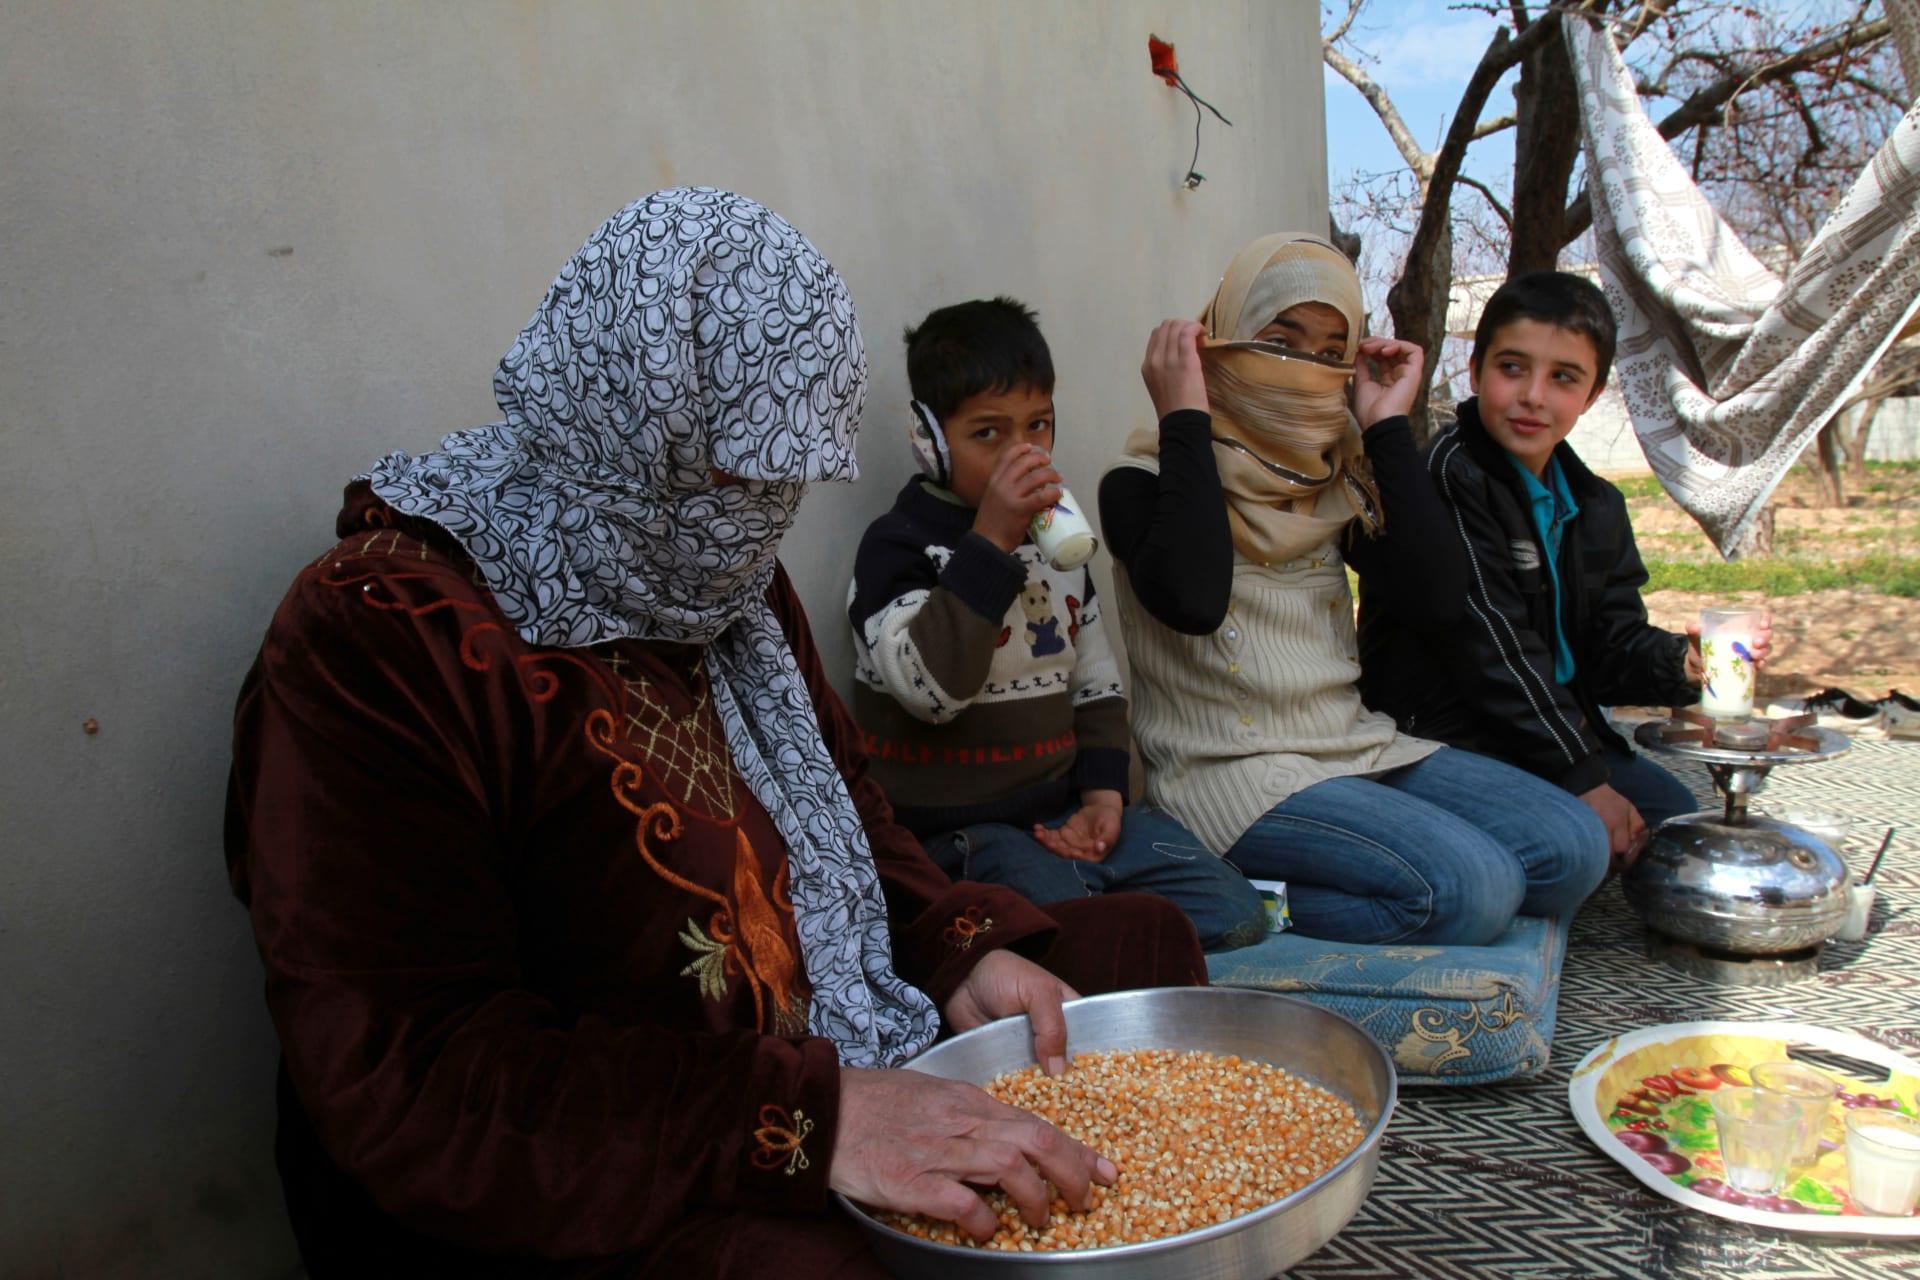 صحف العالم: الجنون يصيب سكان حمص بسبب الجوع